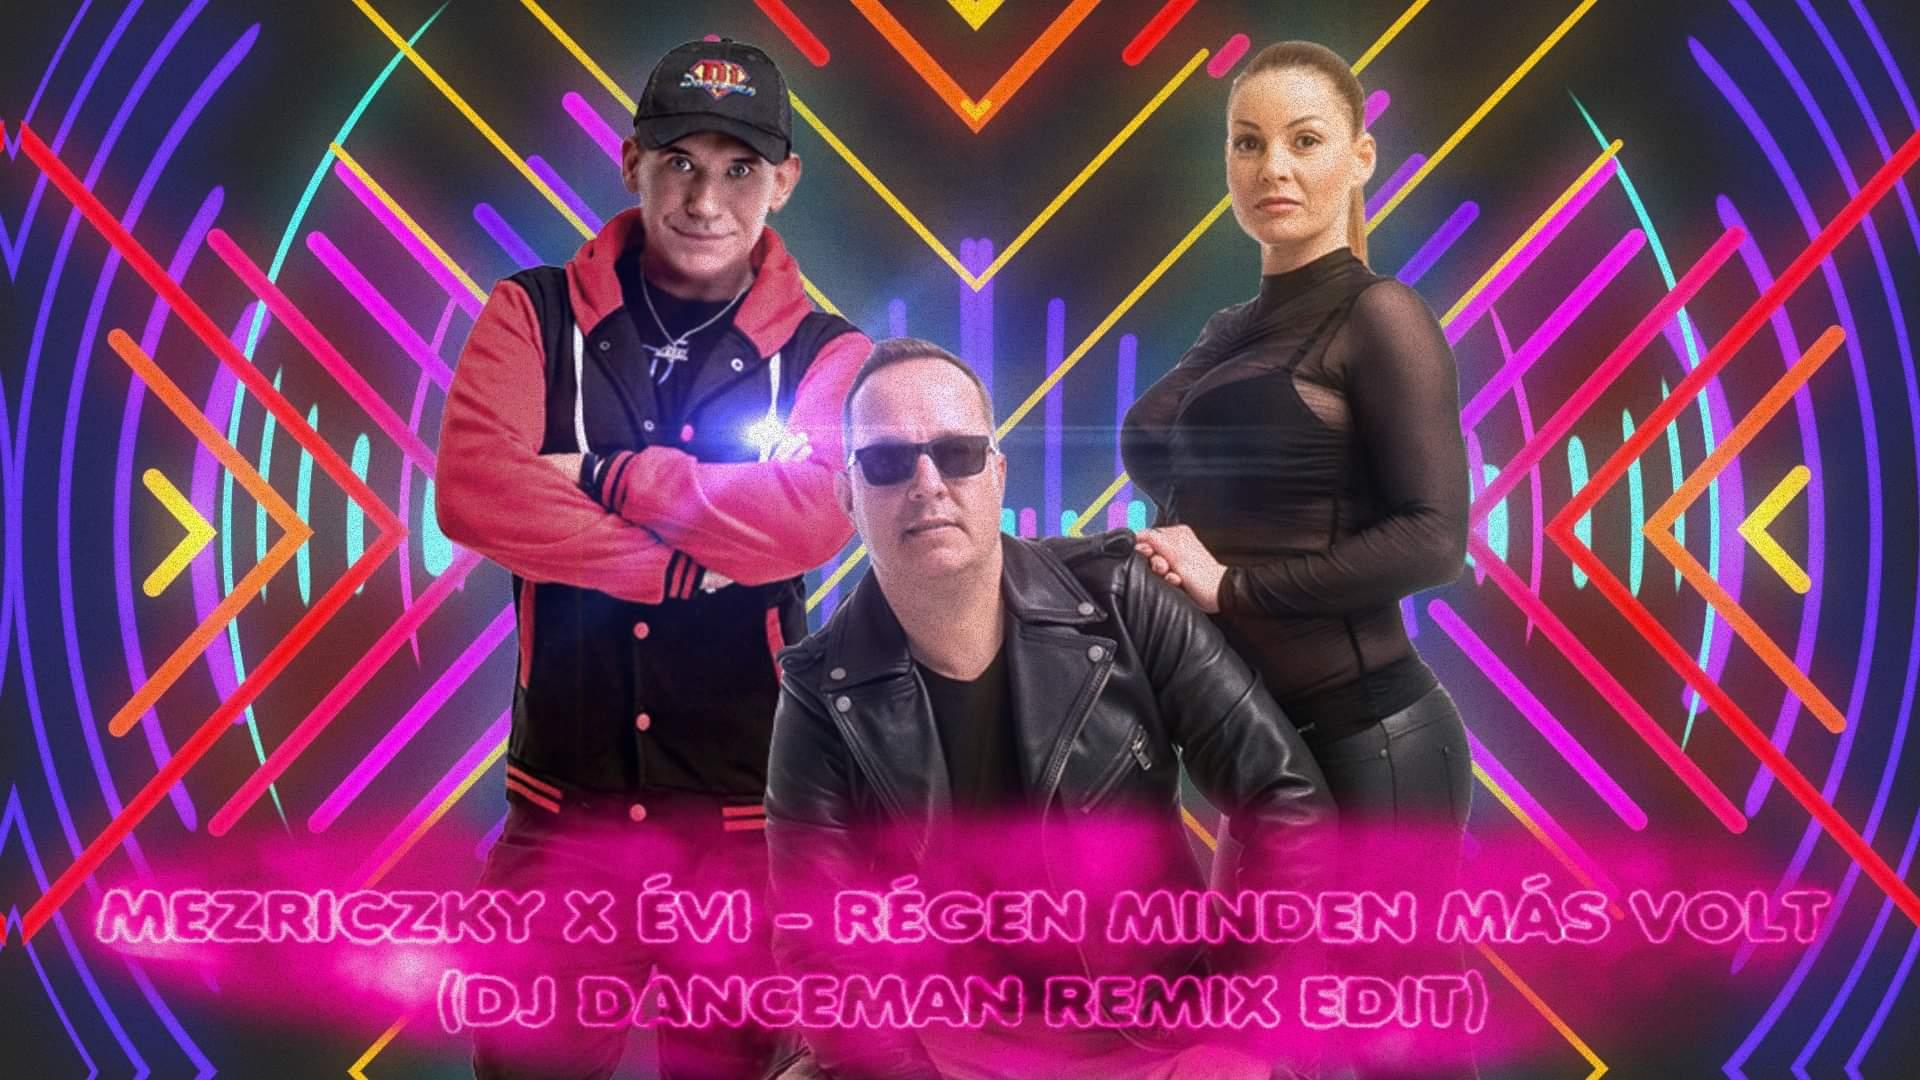 Mezriczky x Évi - Régen minden más volt (Dj Danceman Remix edit)